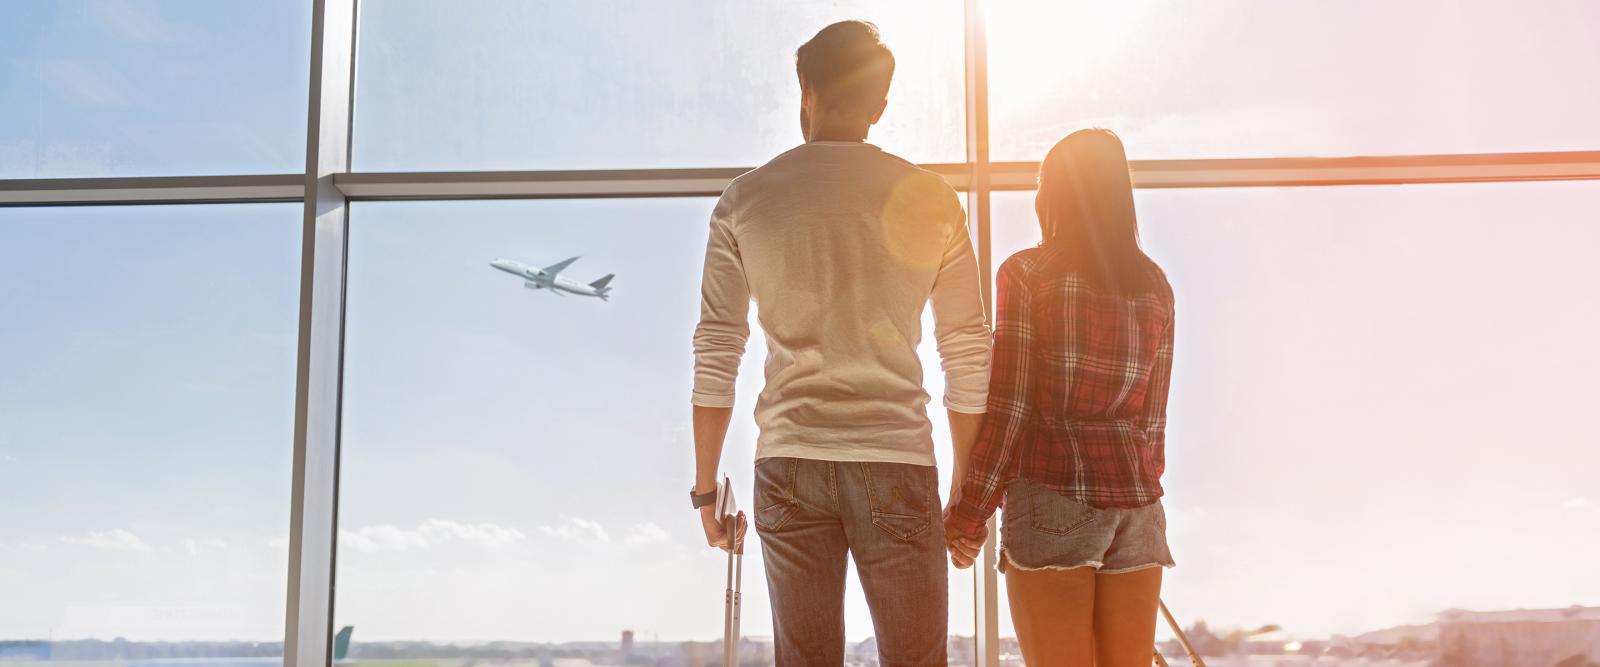 roaming_airport